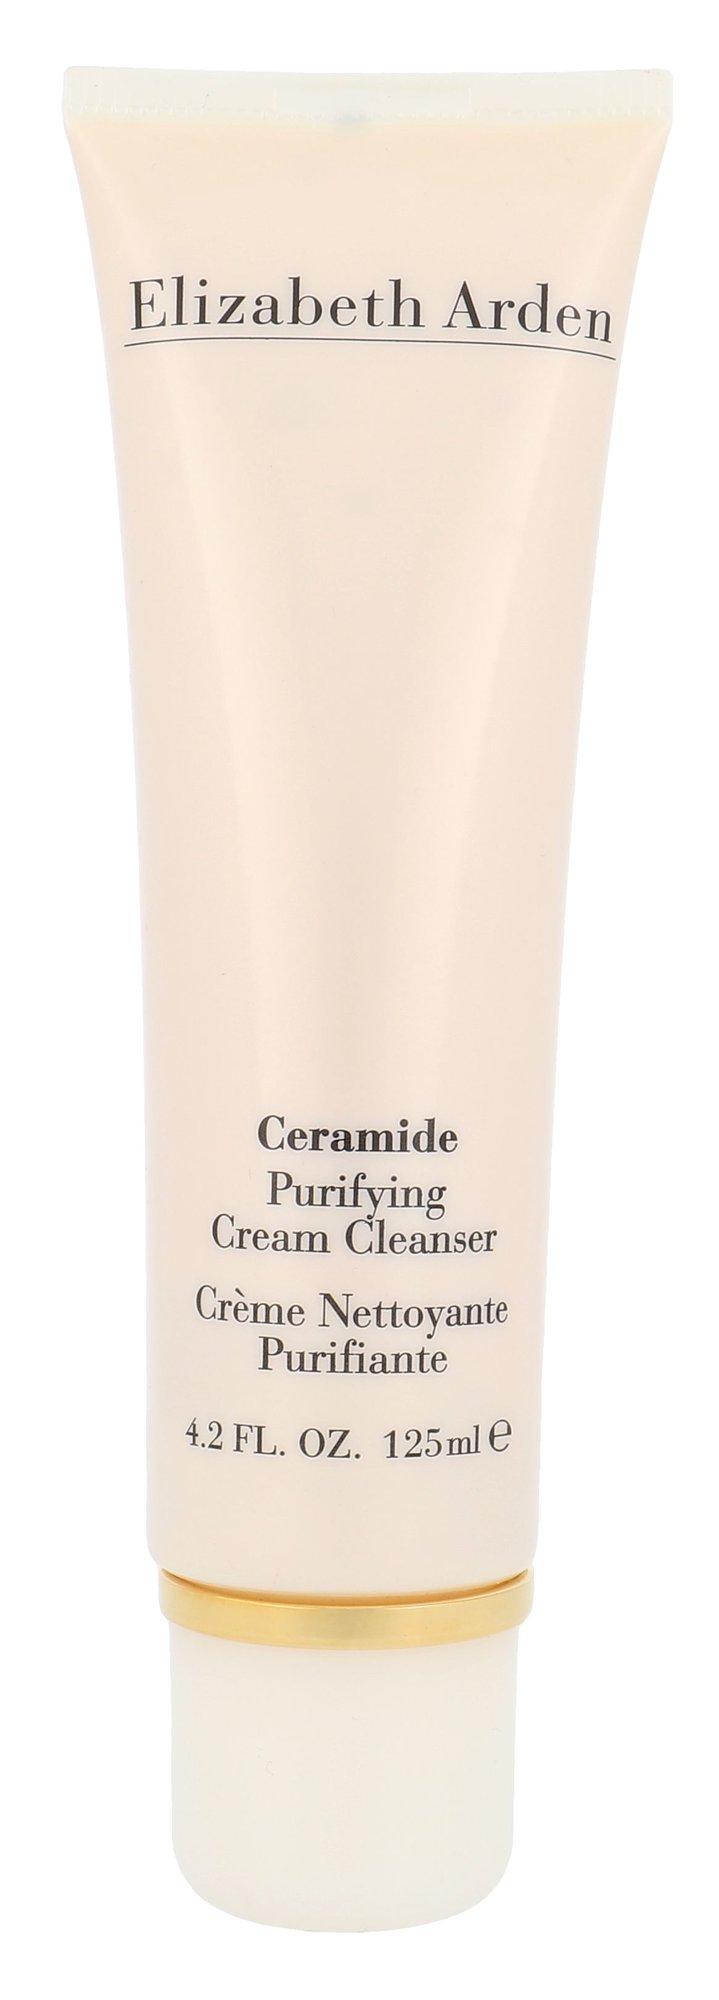 Elizabeth Arden Ceramide Cosmetic 125ml